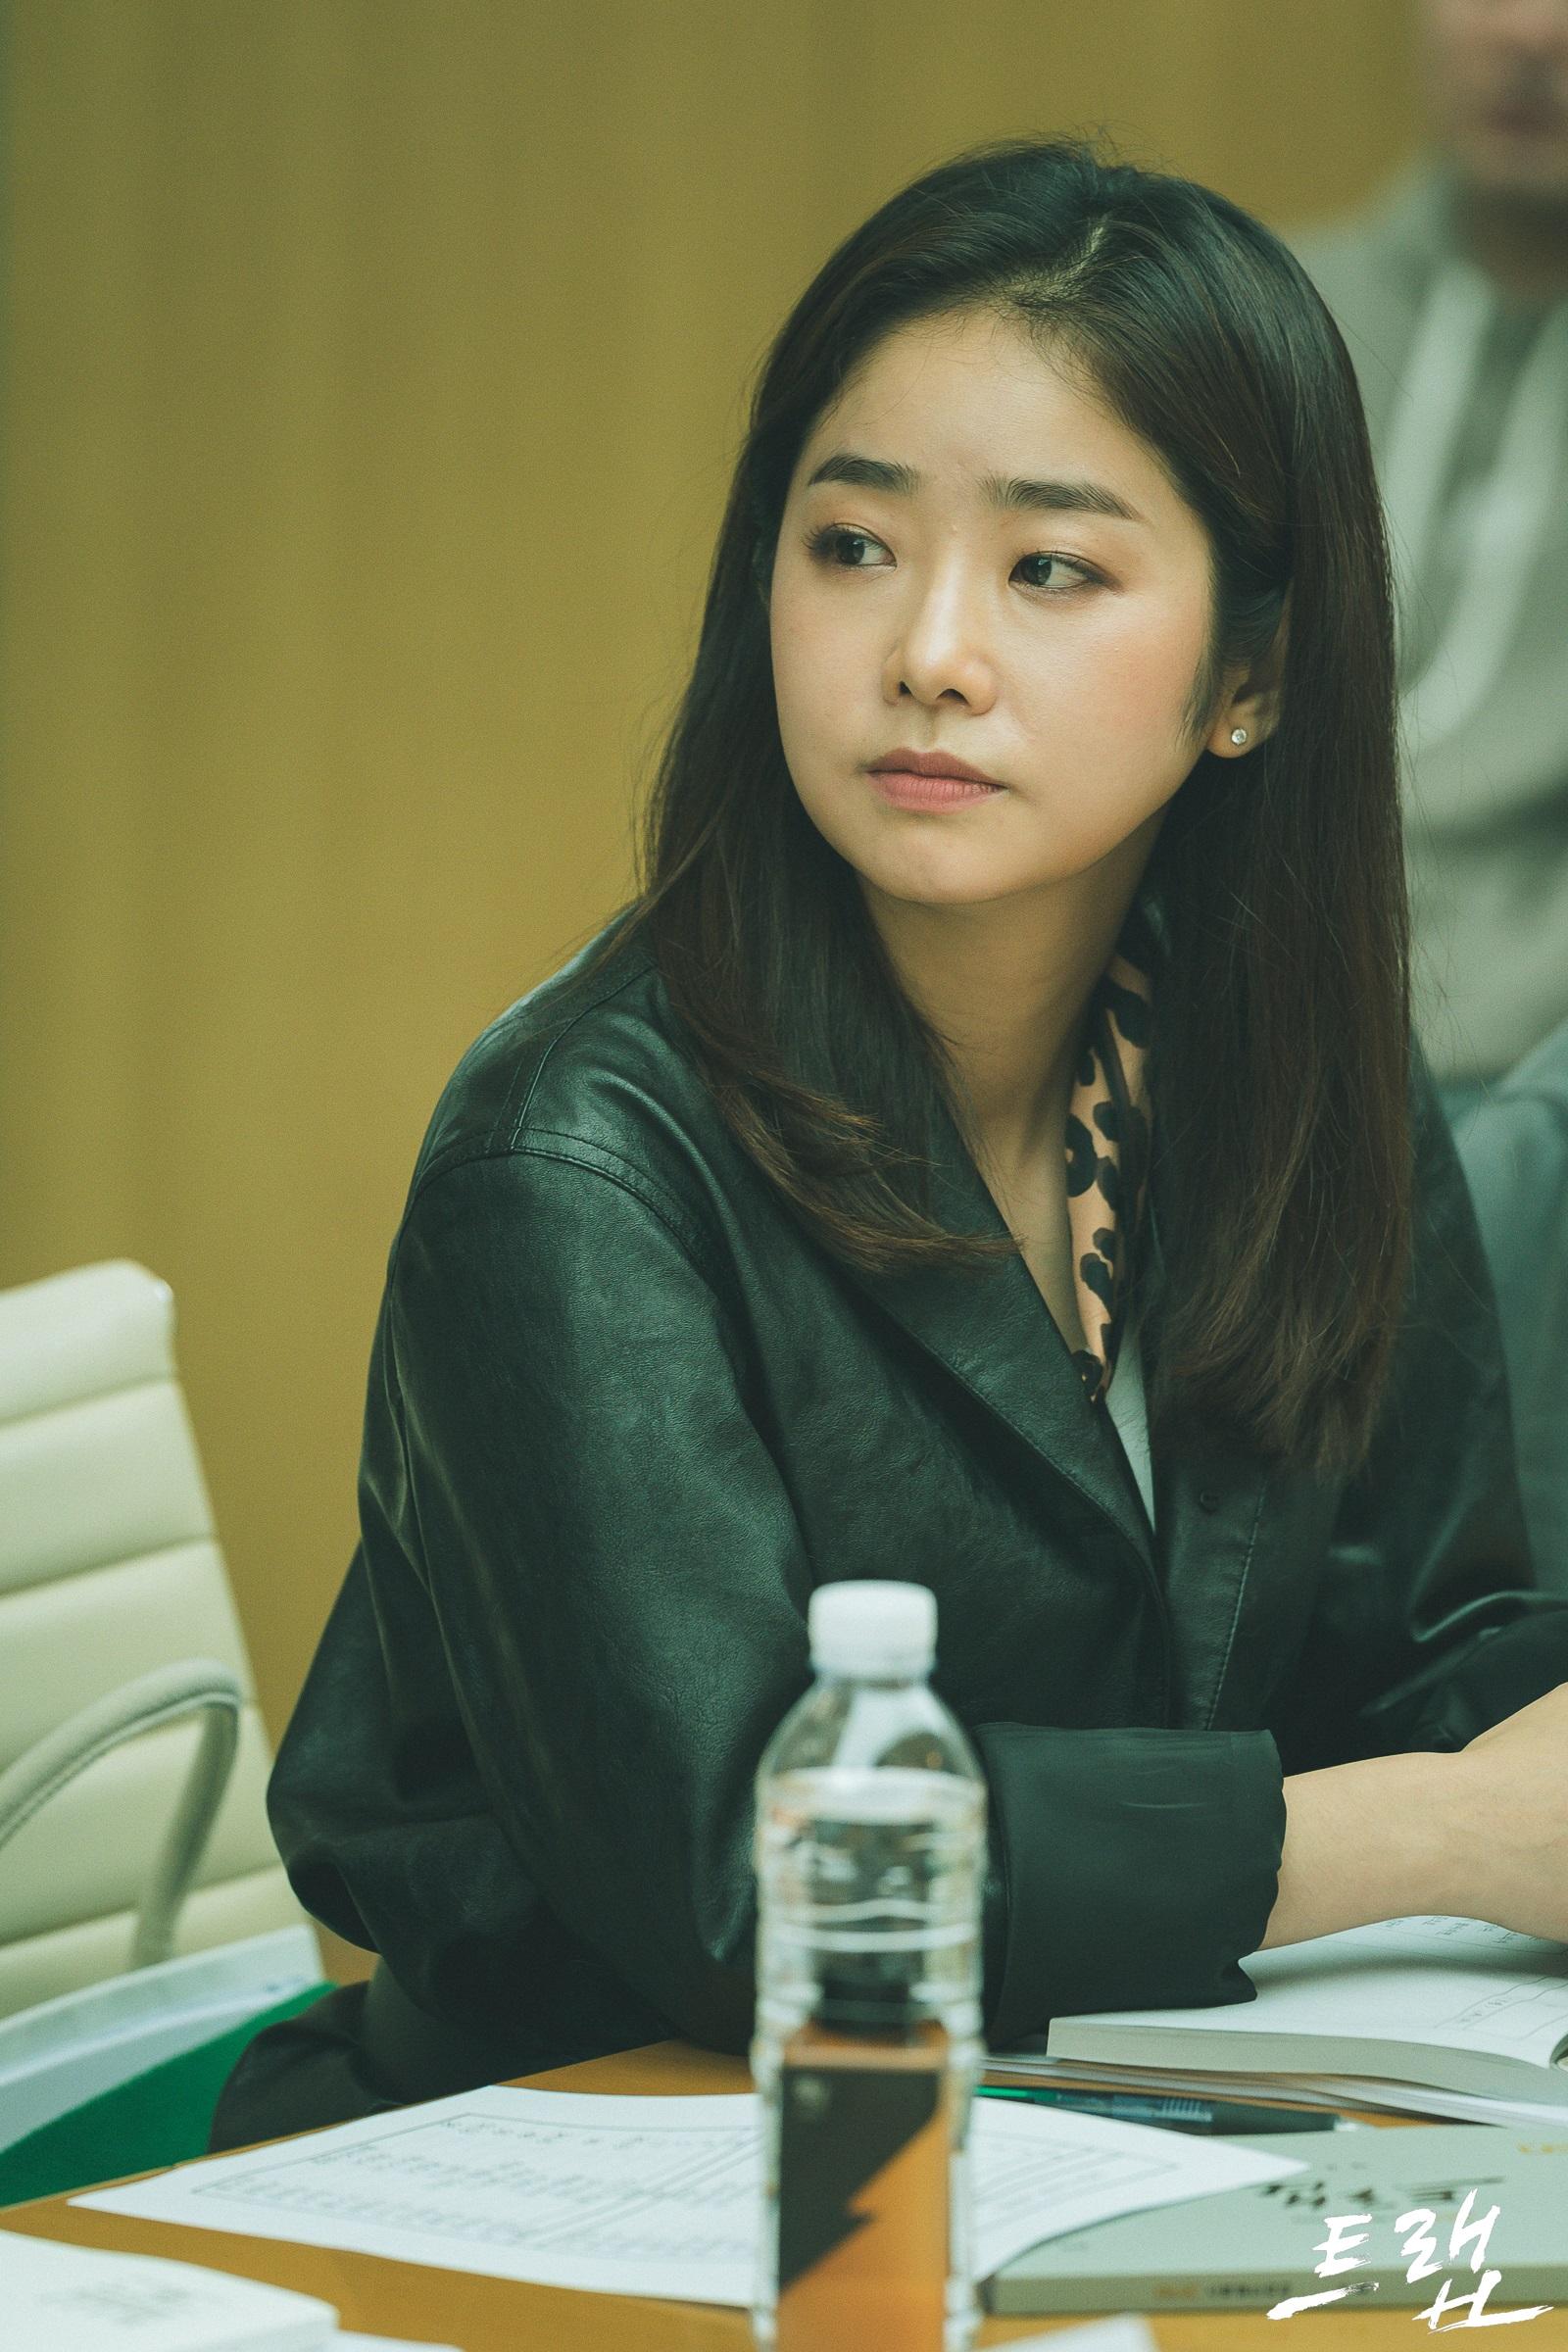 04_seo5.jpg